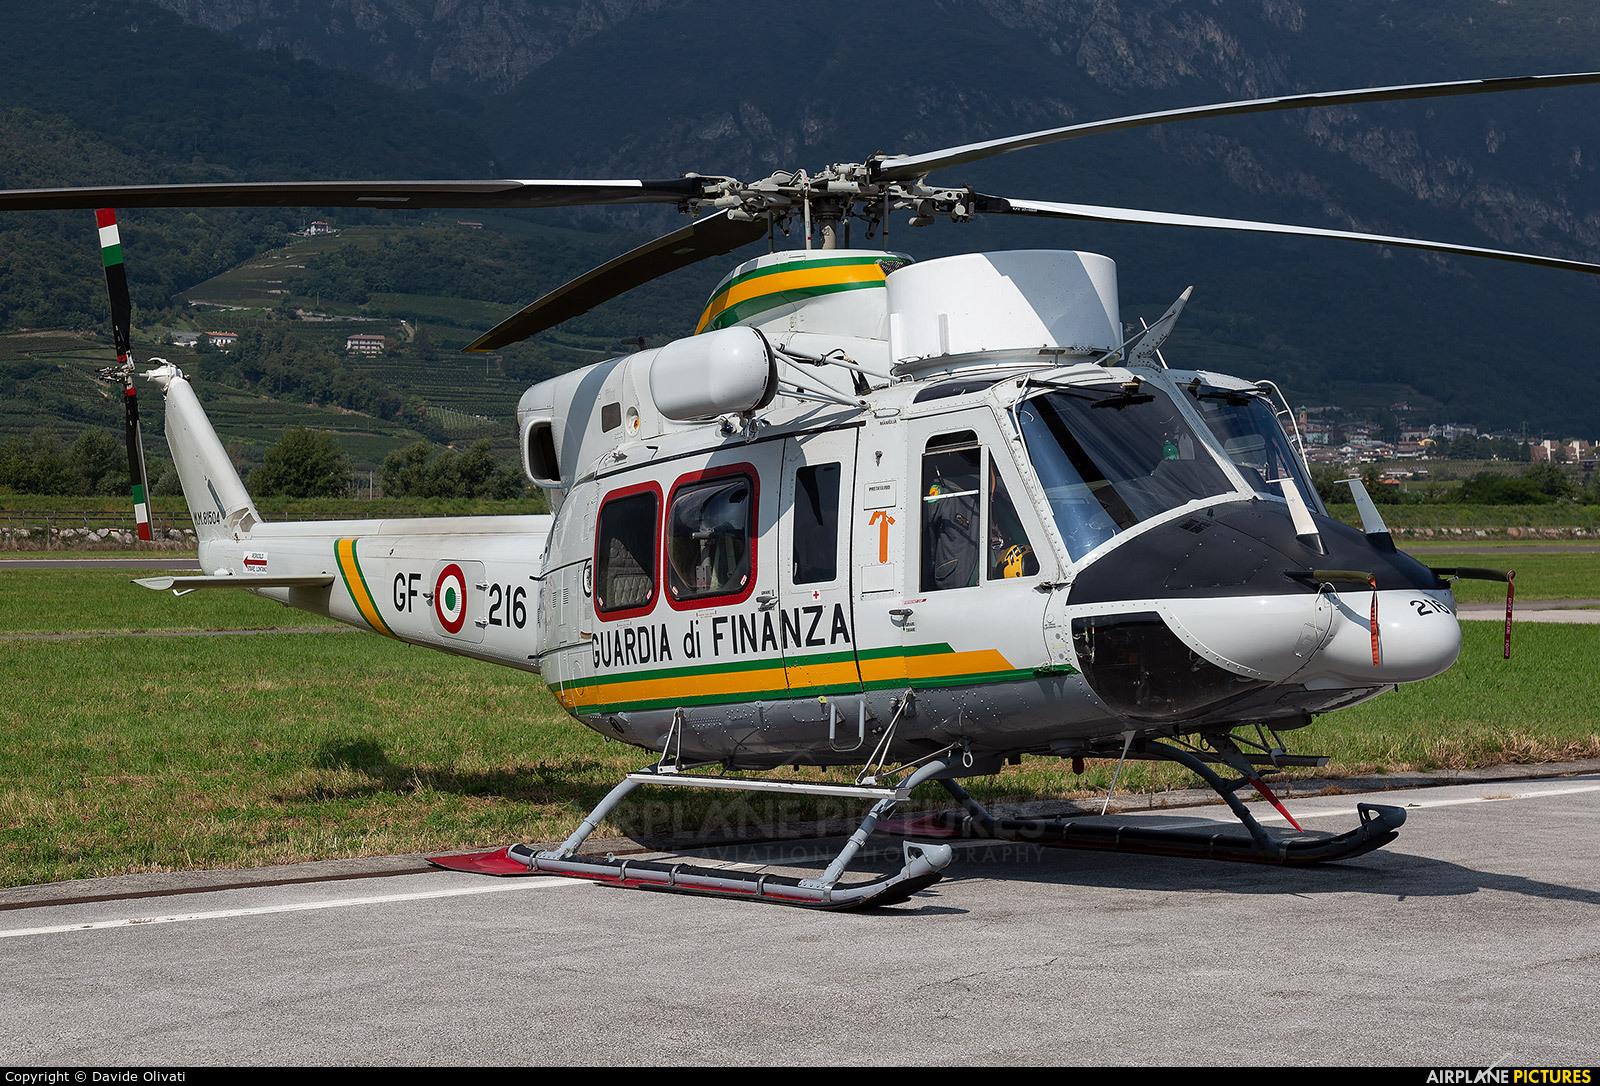 Italy - Guardia di Finanza MM81504 aircraft at Trento - Mattarello